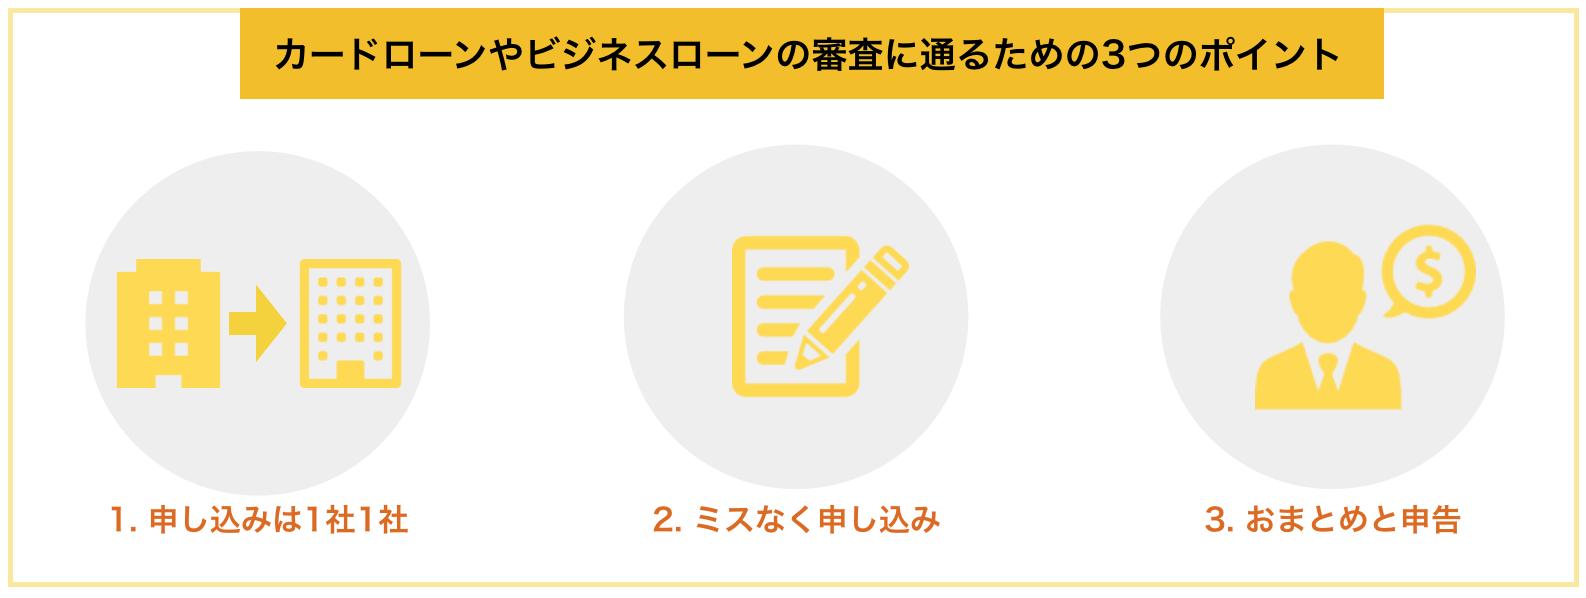 スクリーンショット 2017-02-08 22.59.06